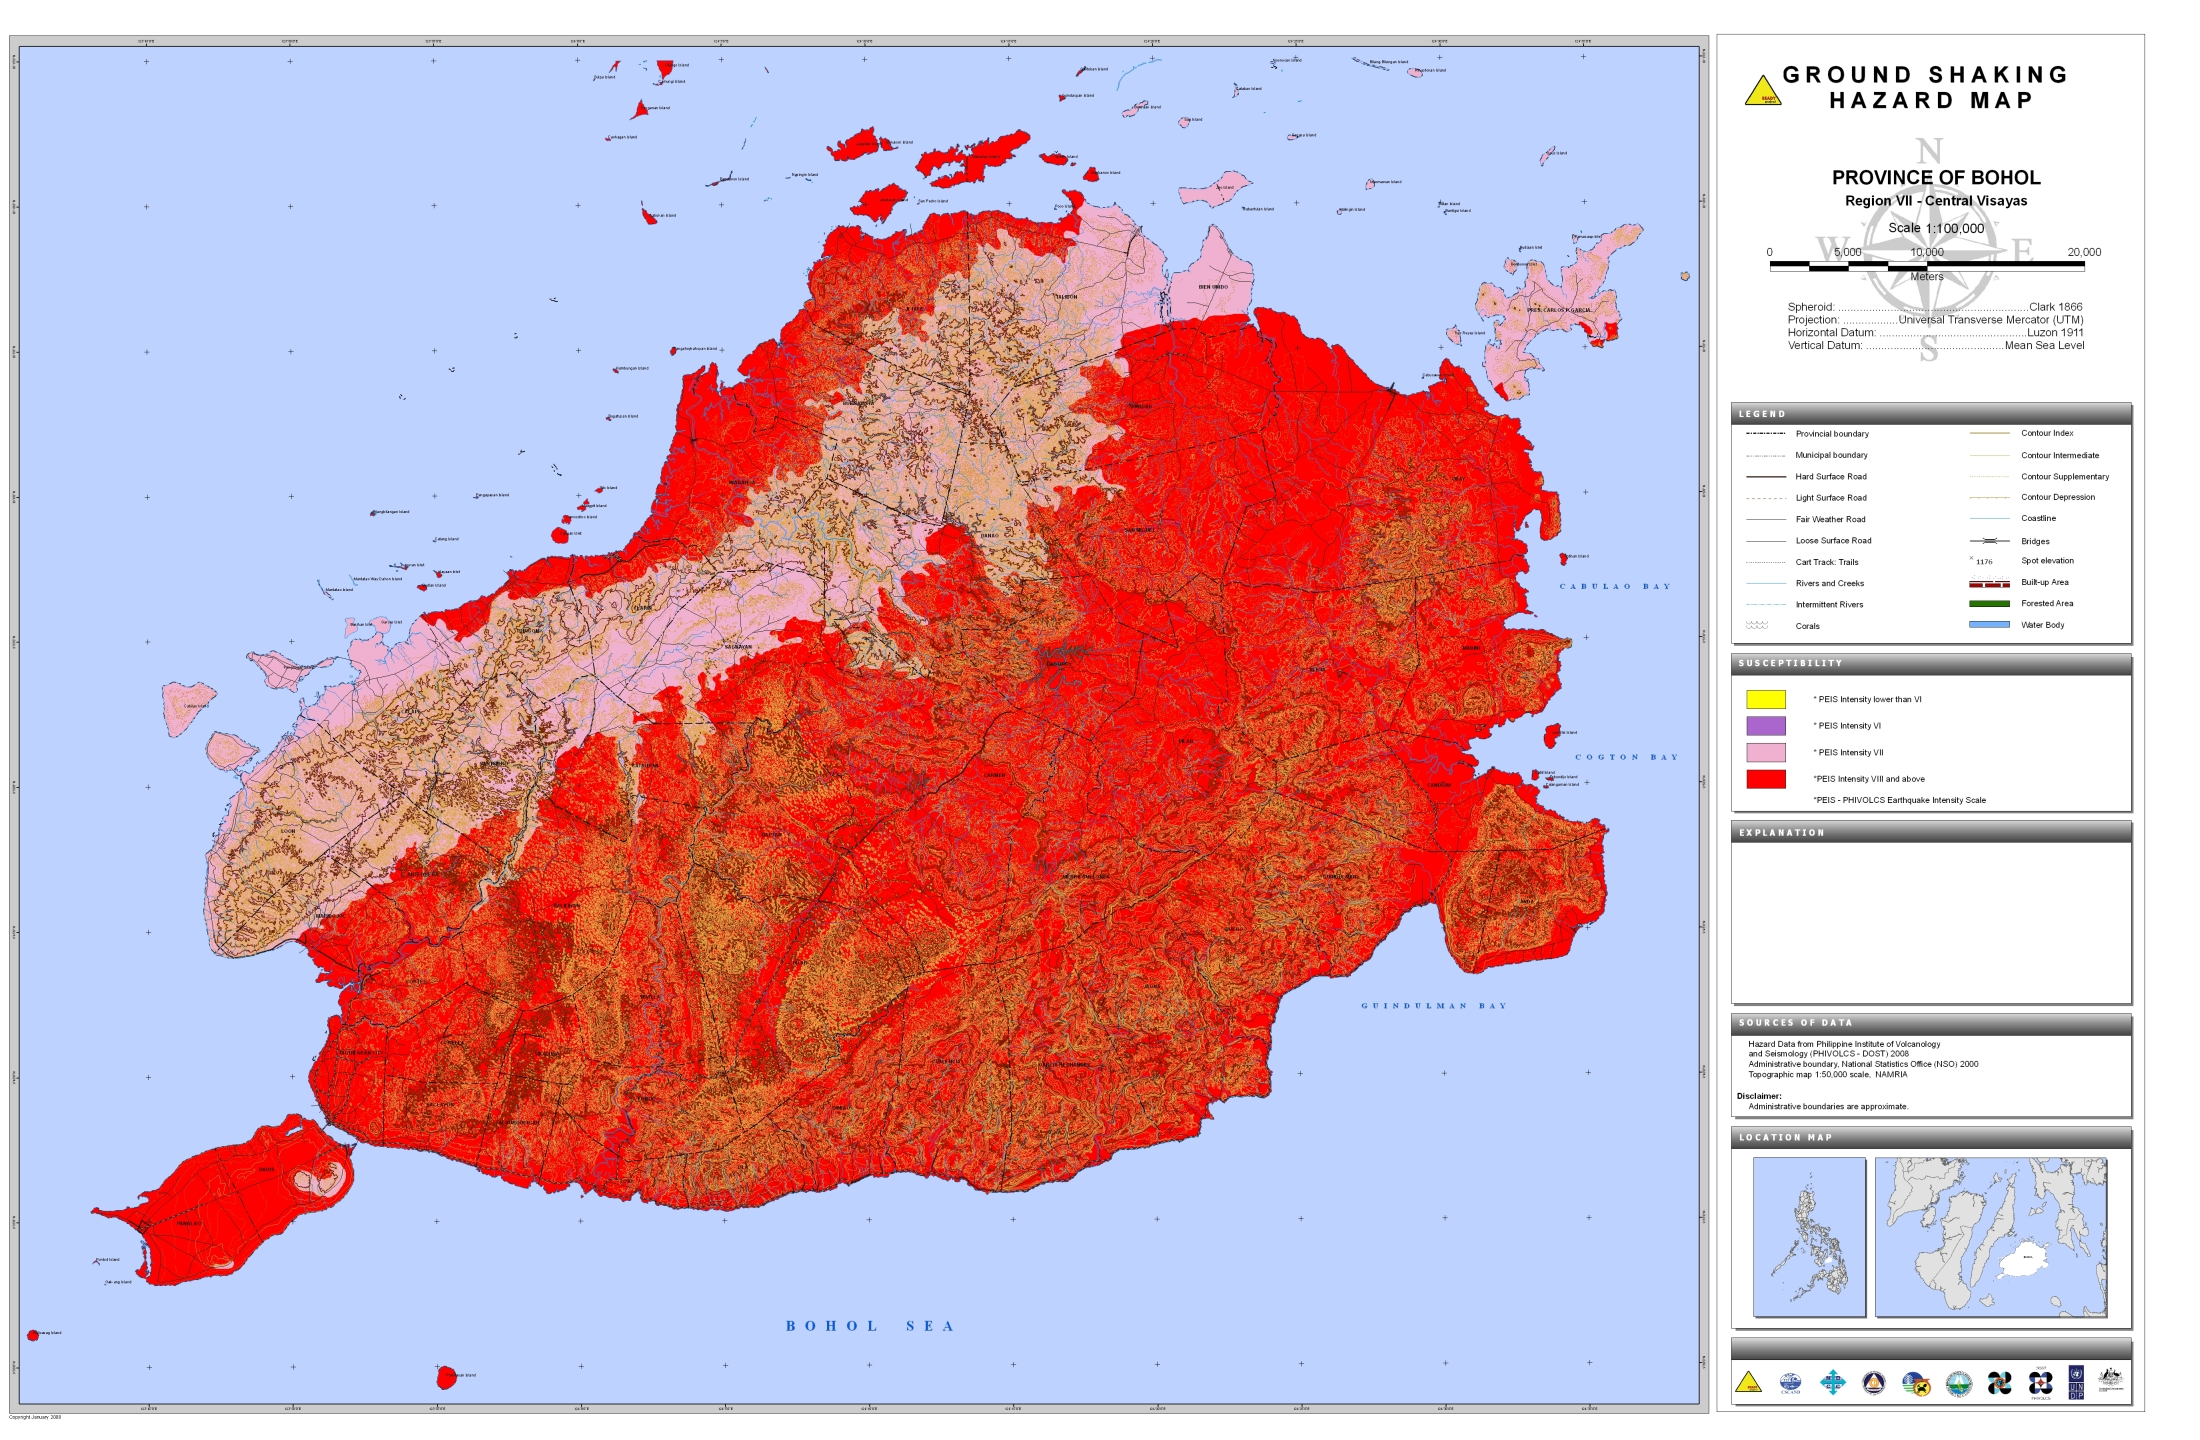 Ground Shaking Hazard Map